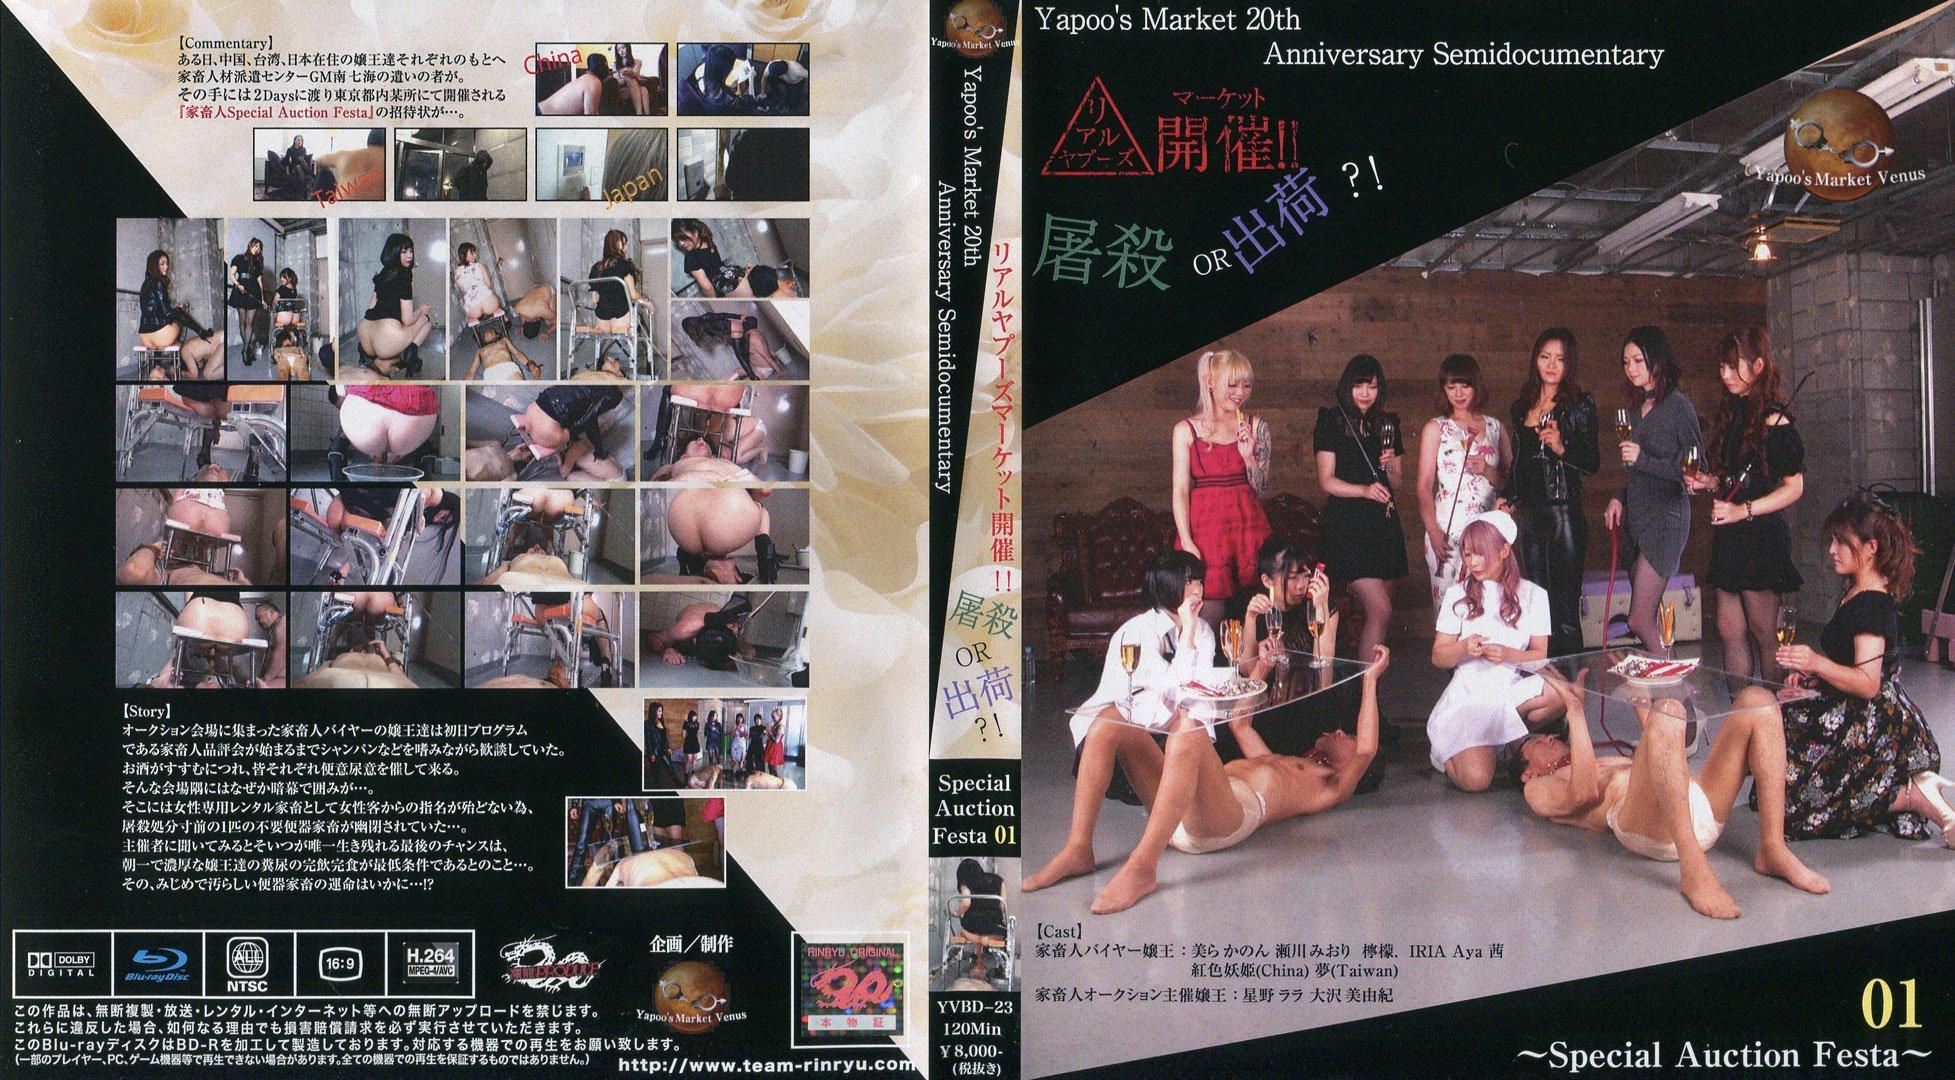 YVBD-23 – Yapoo's Market 20th Anniversary Semidocumentary – BluRay1080p